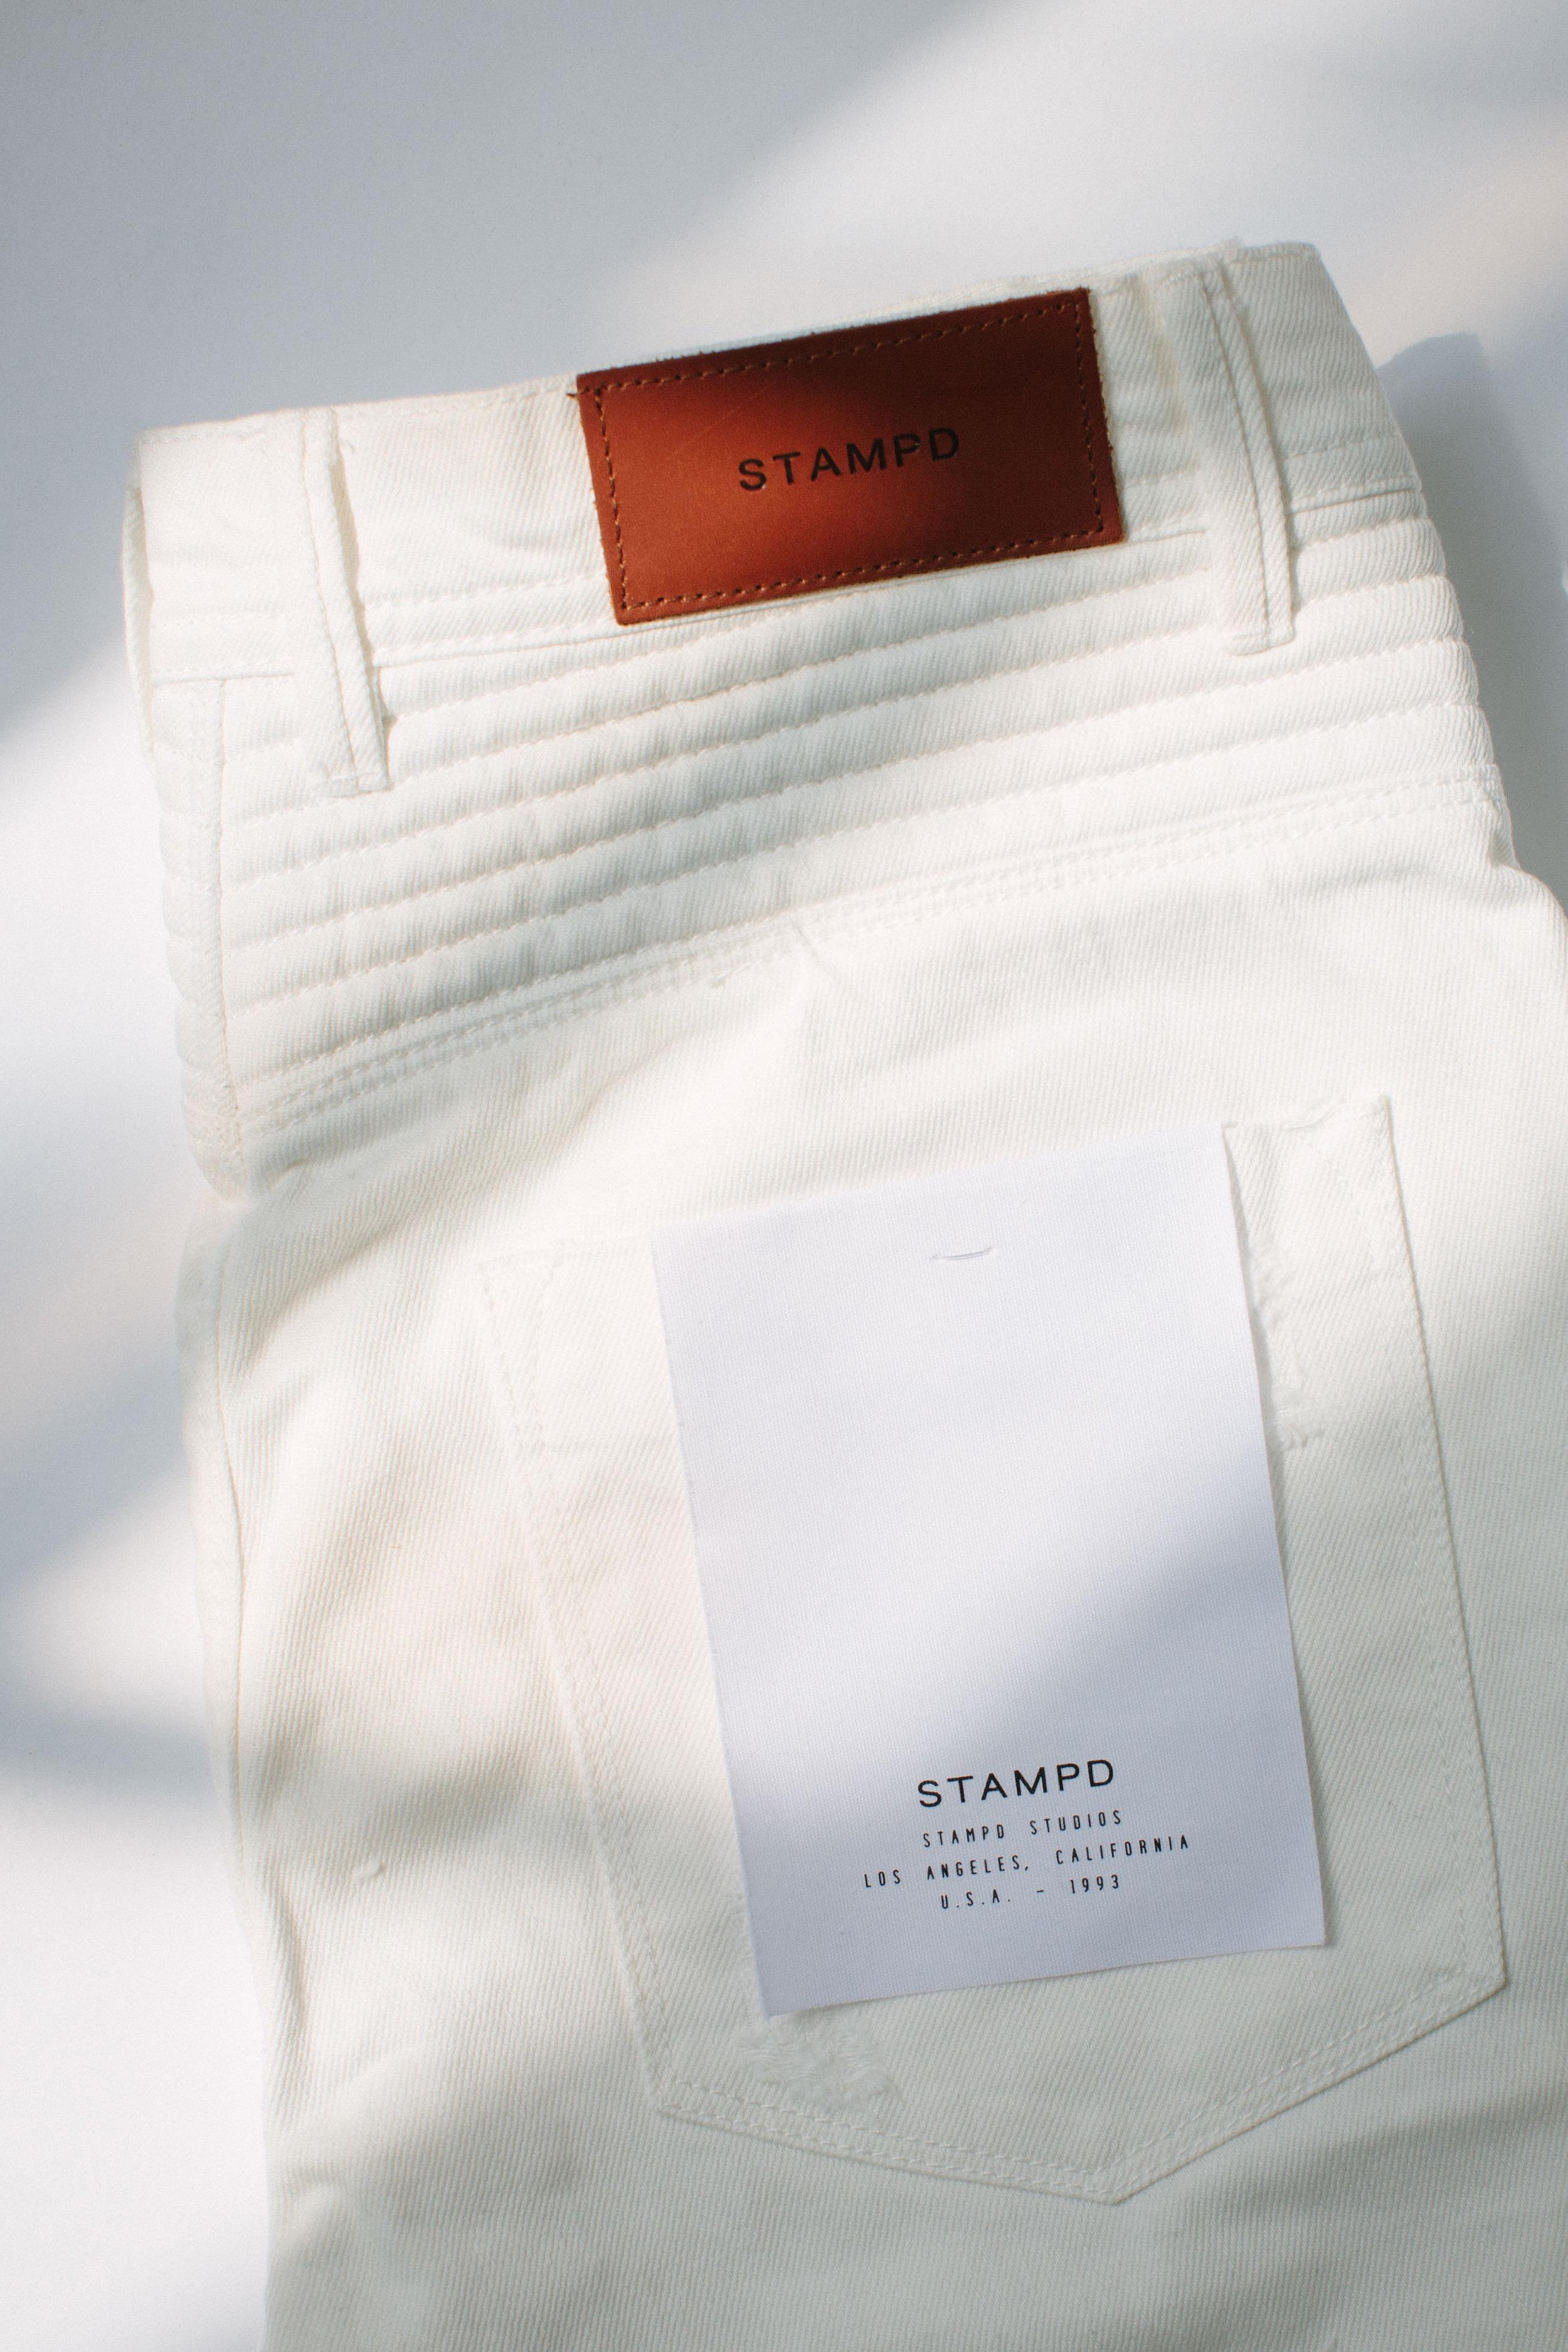 Stampd-Jeans-final.jpg